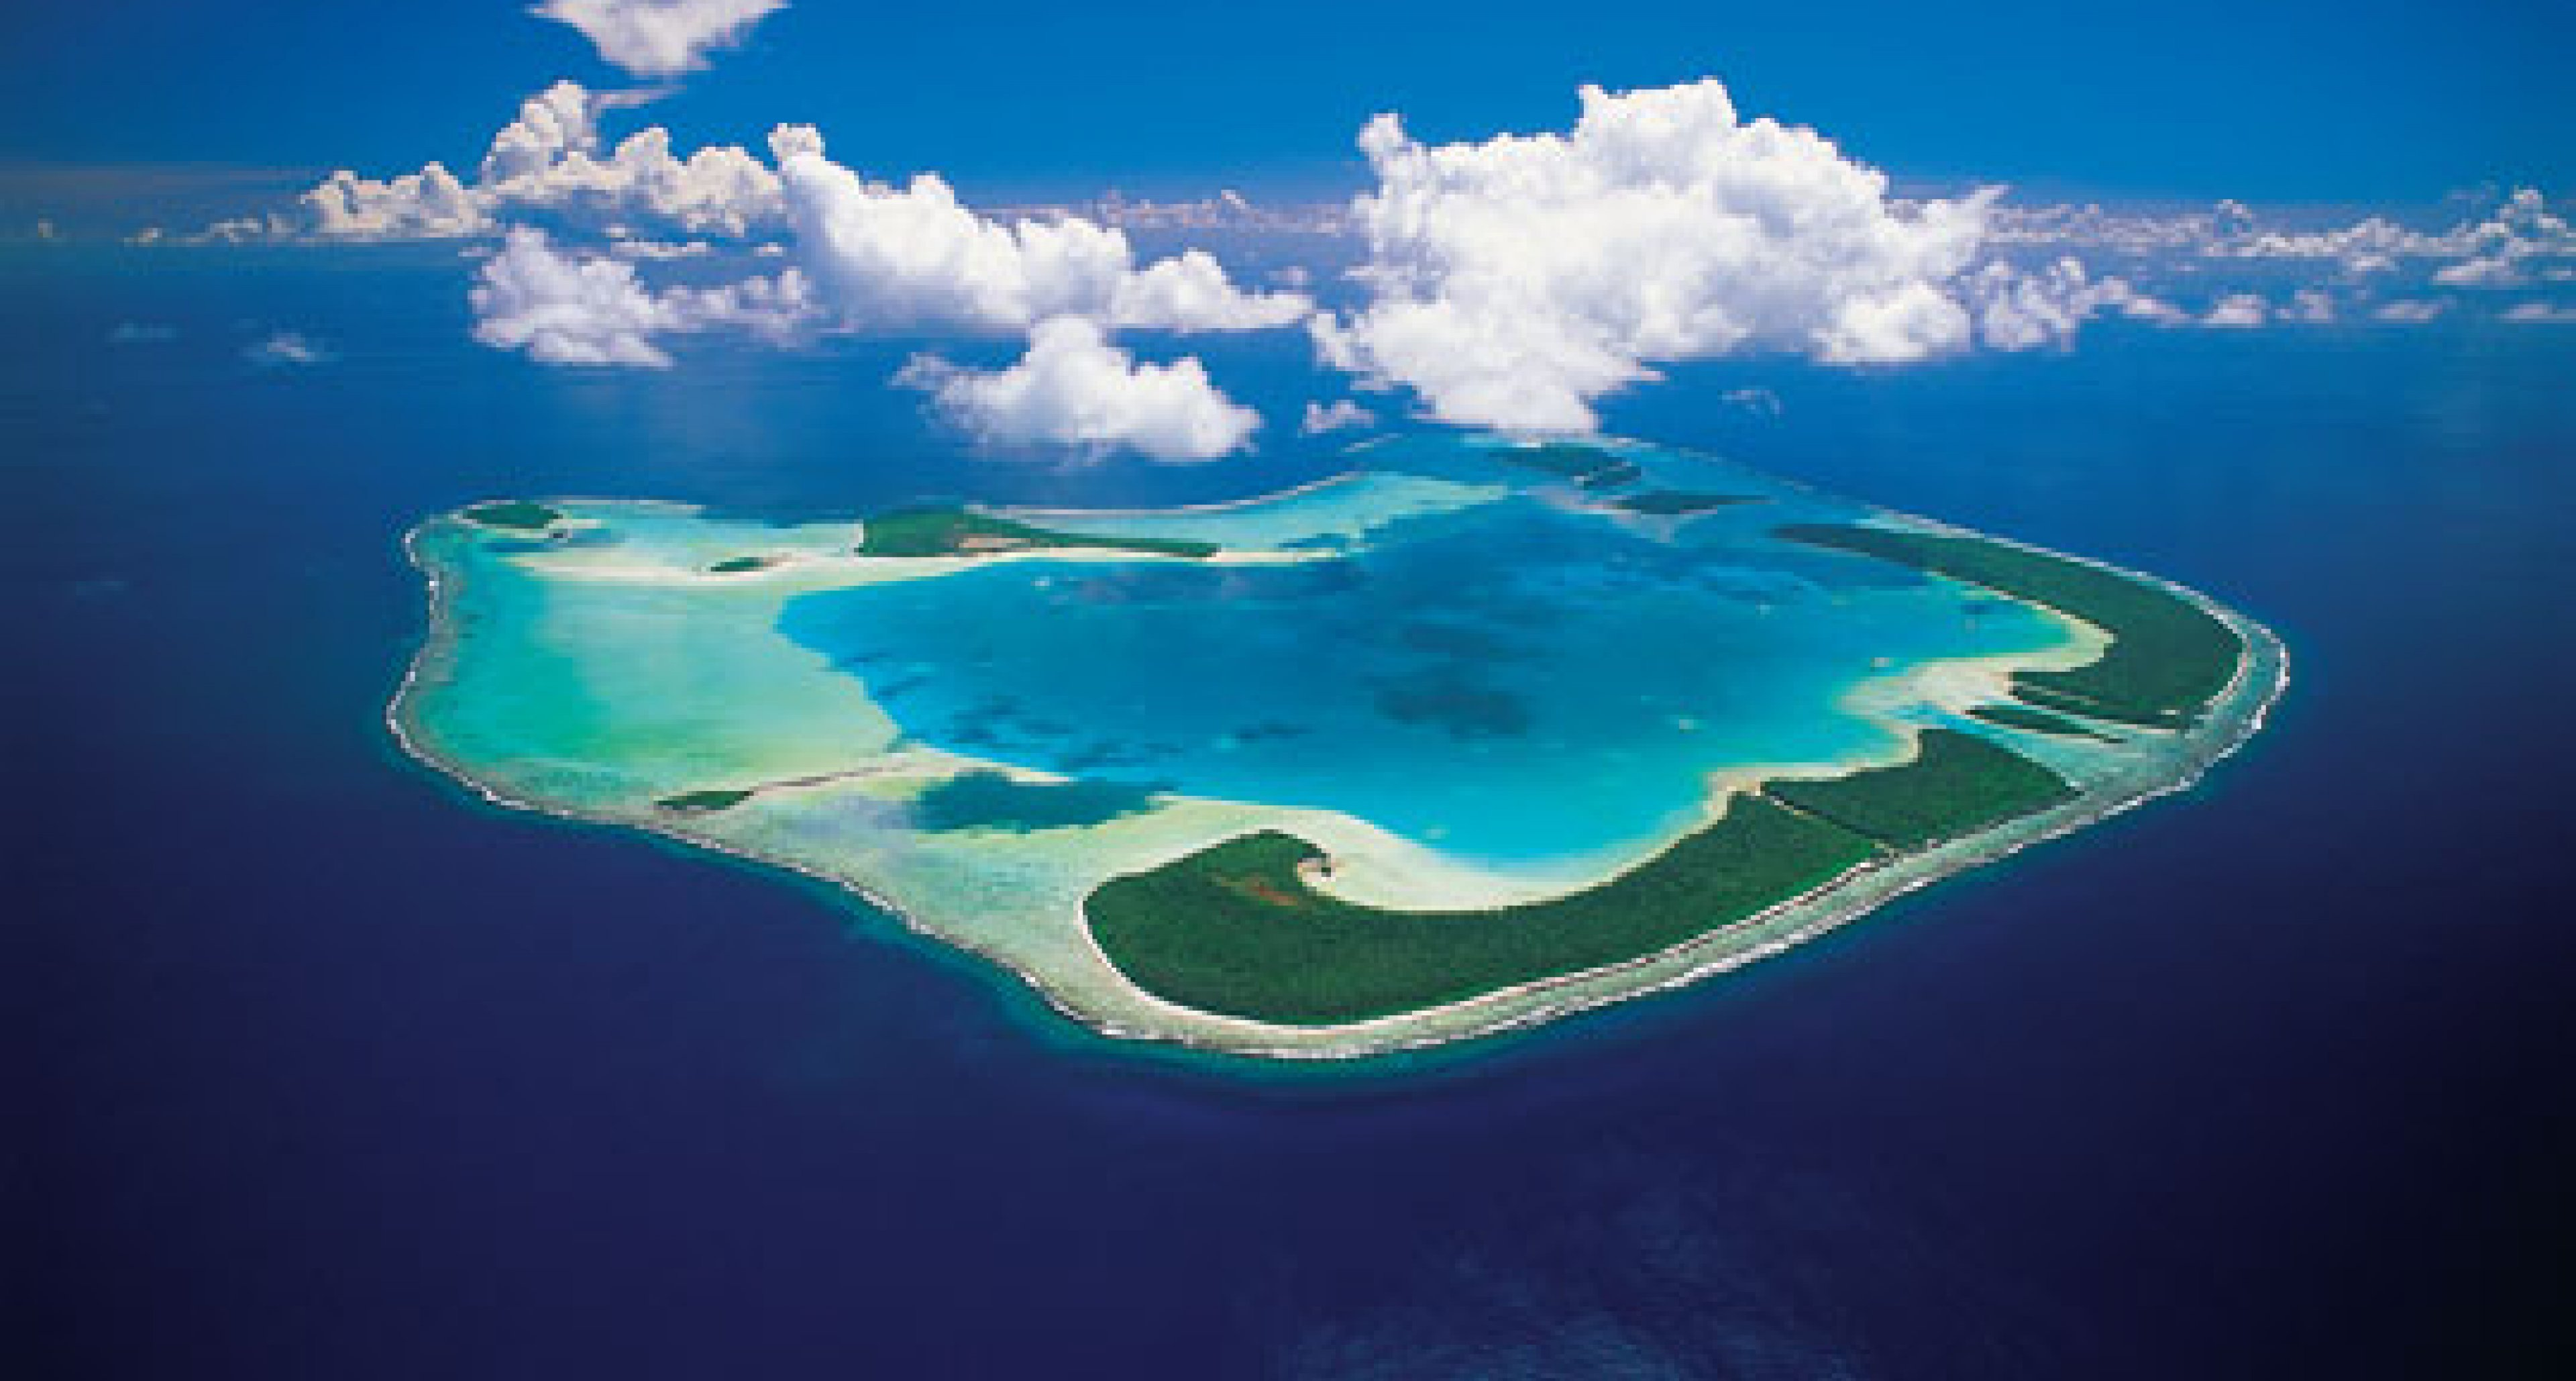 Tetiaroa, French Polynesia, to Be Home to 'The Brando'